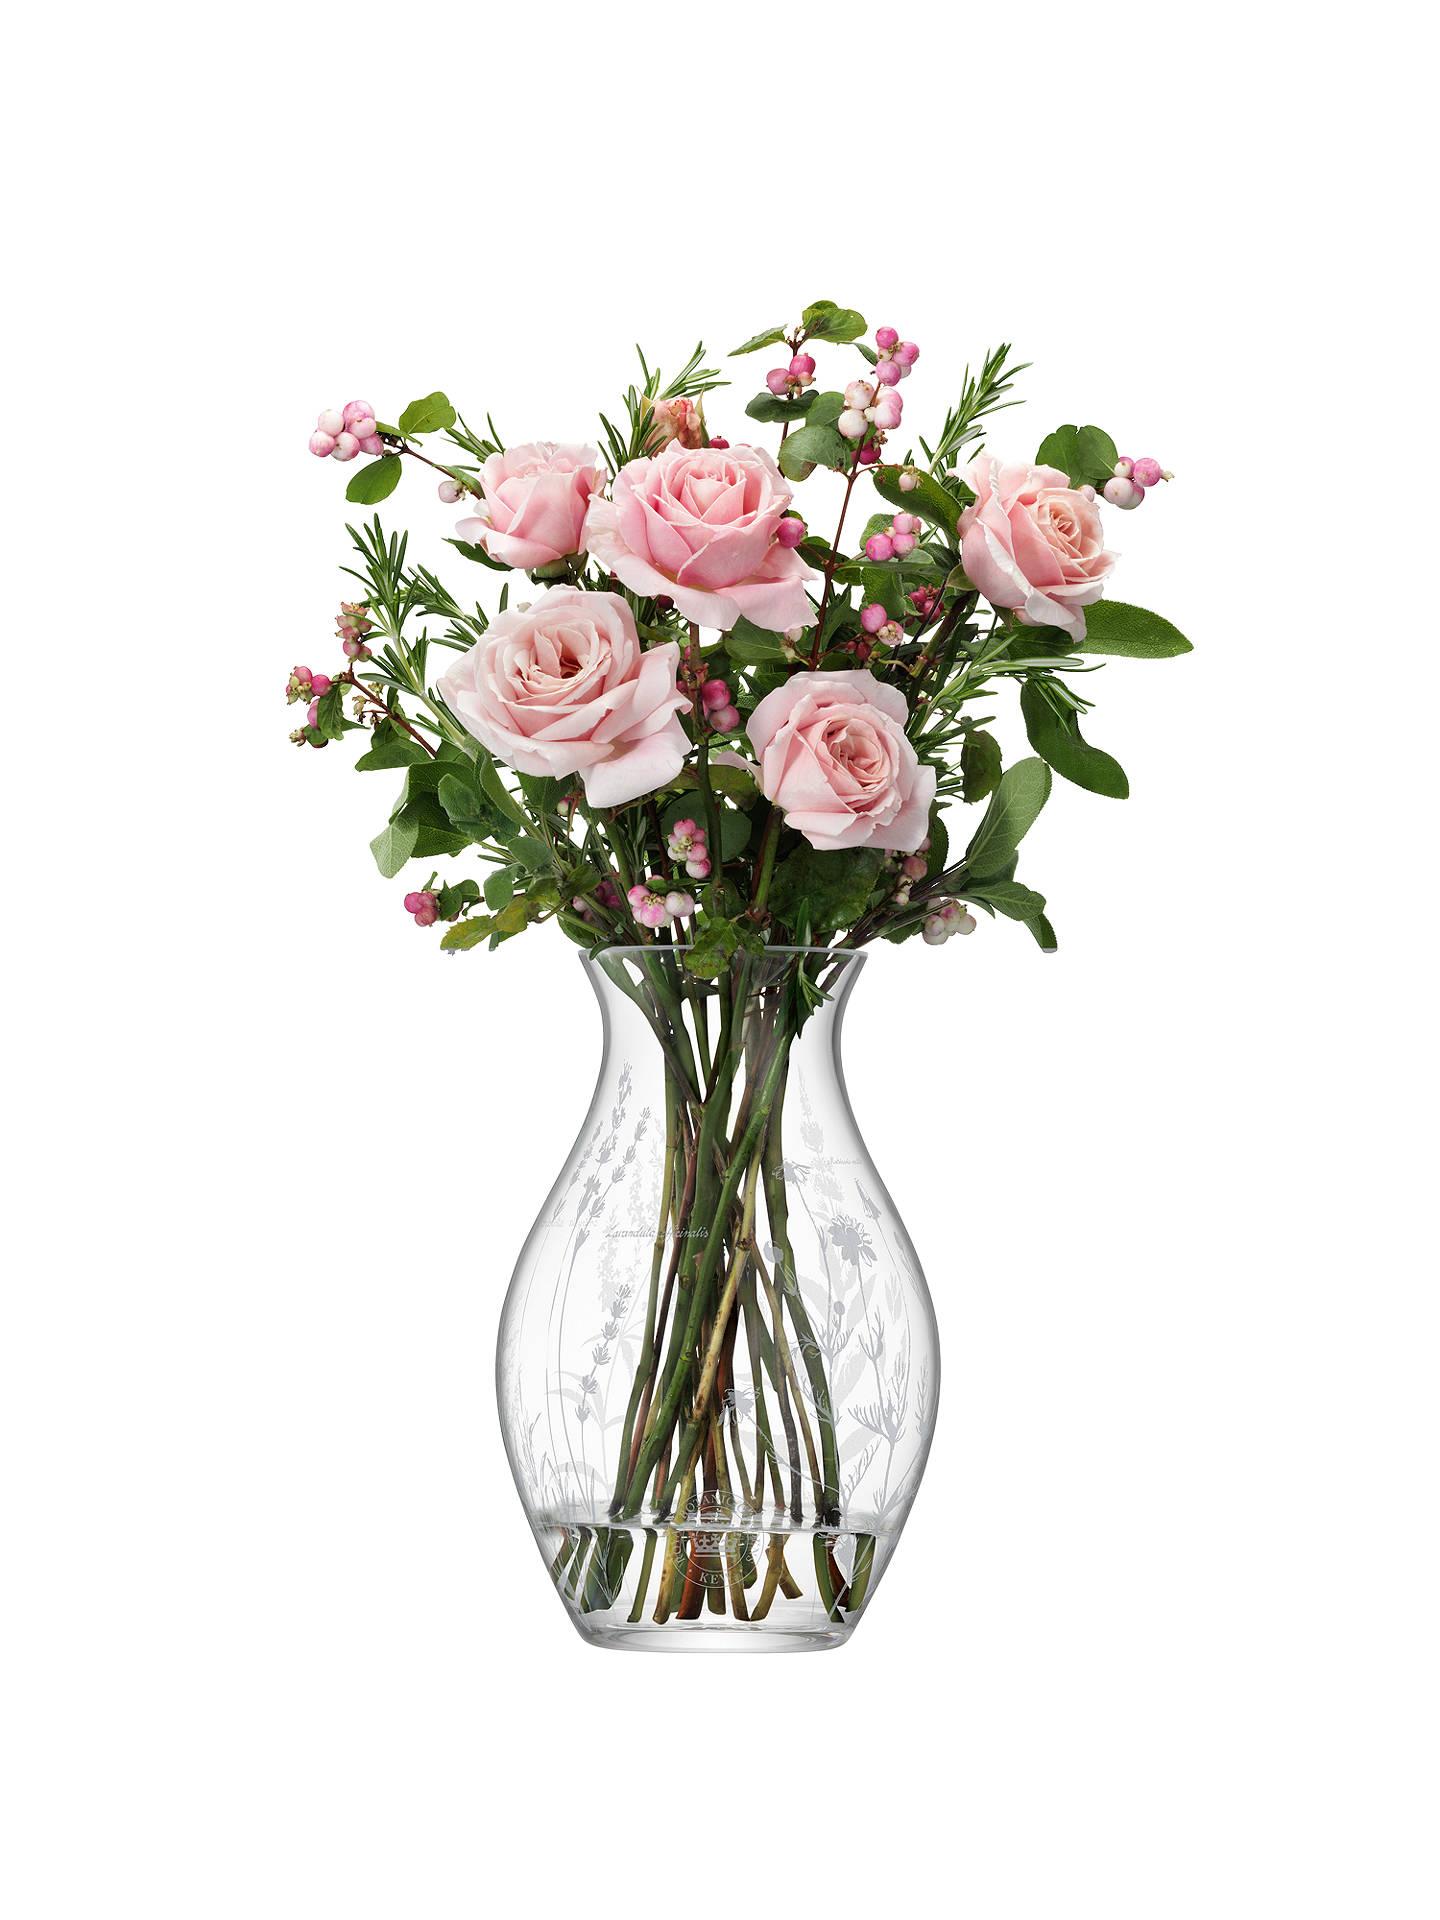 259 & Kew Royal Botanic Gardens Floral Vase